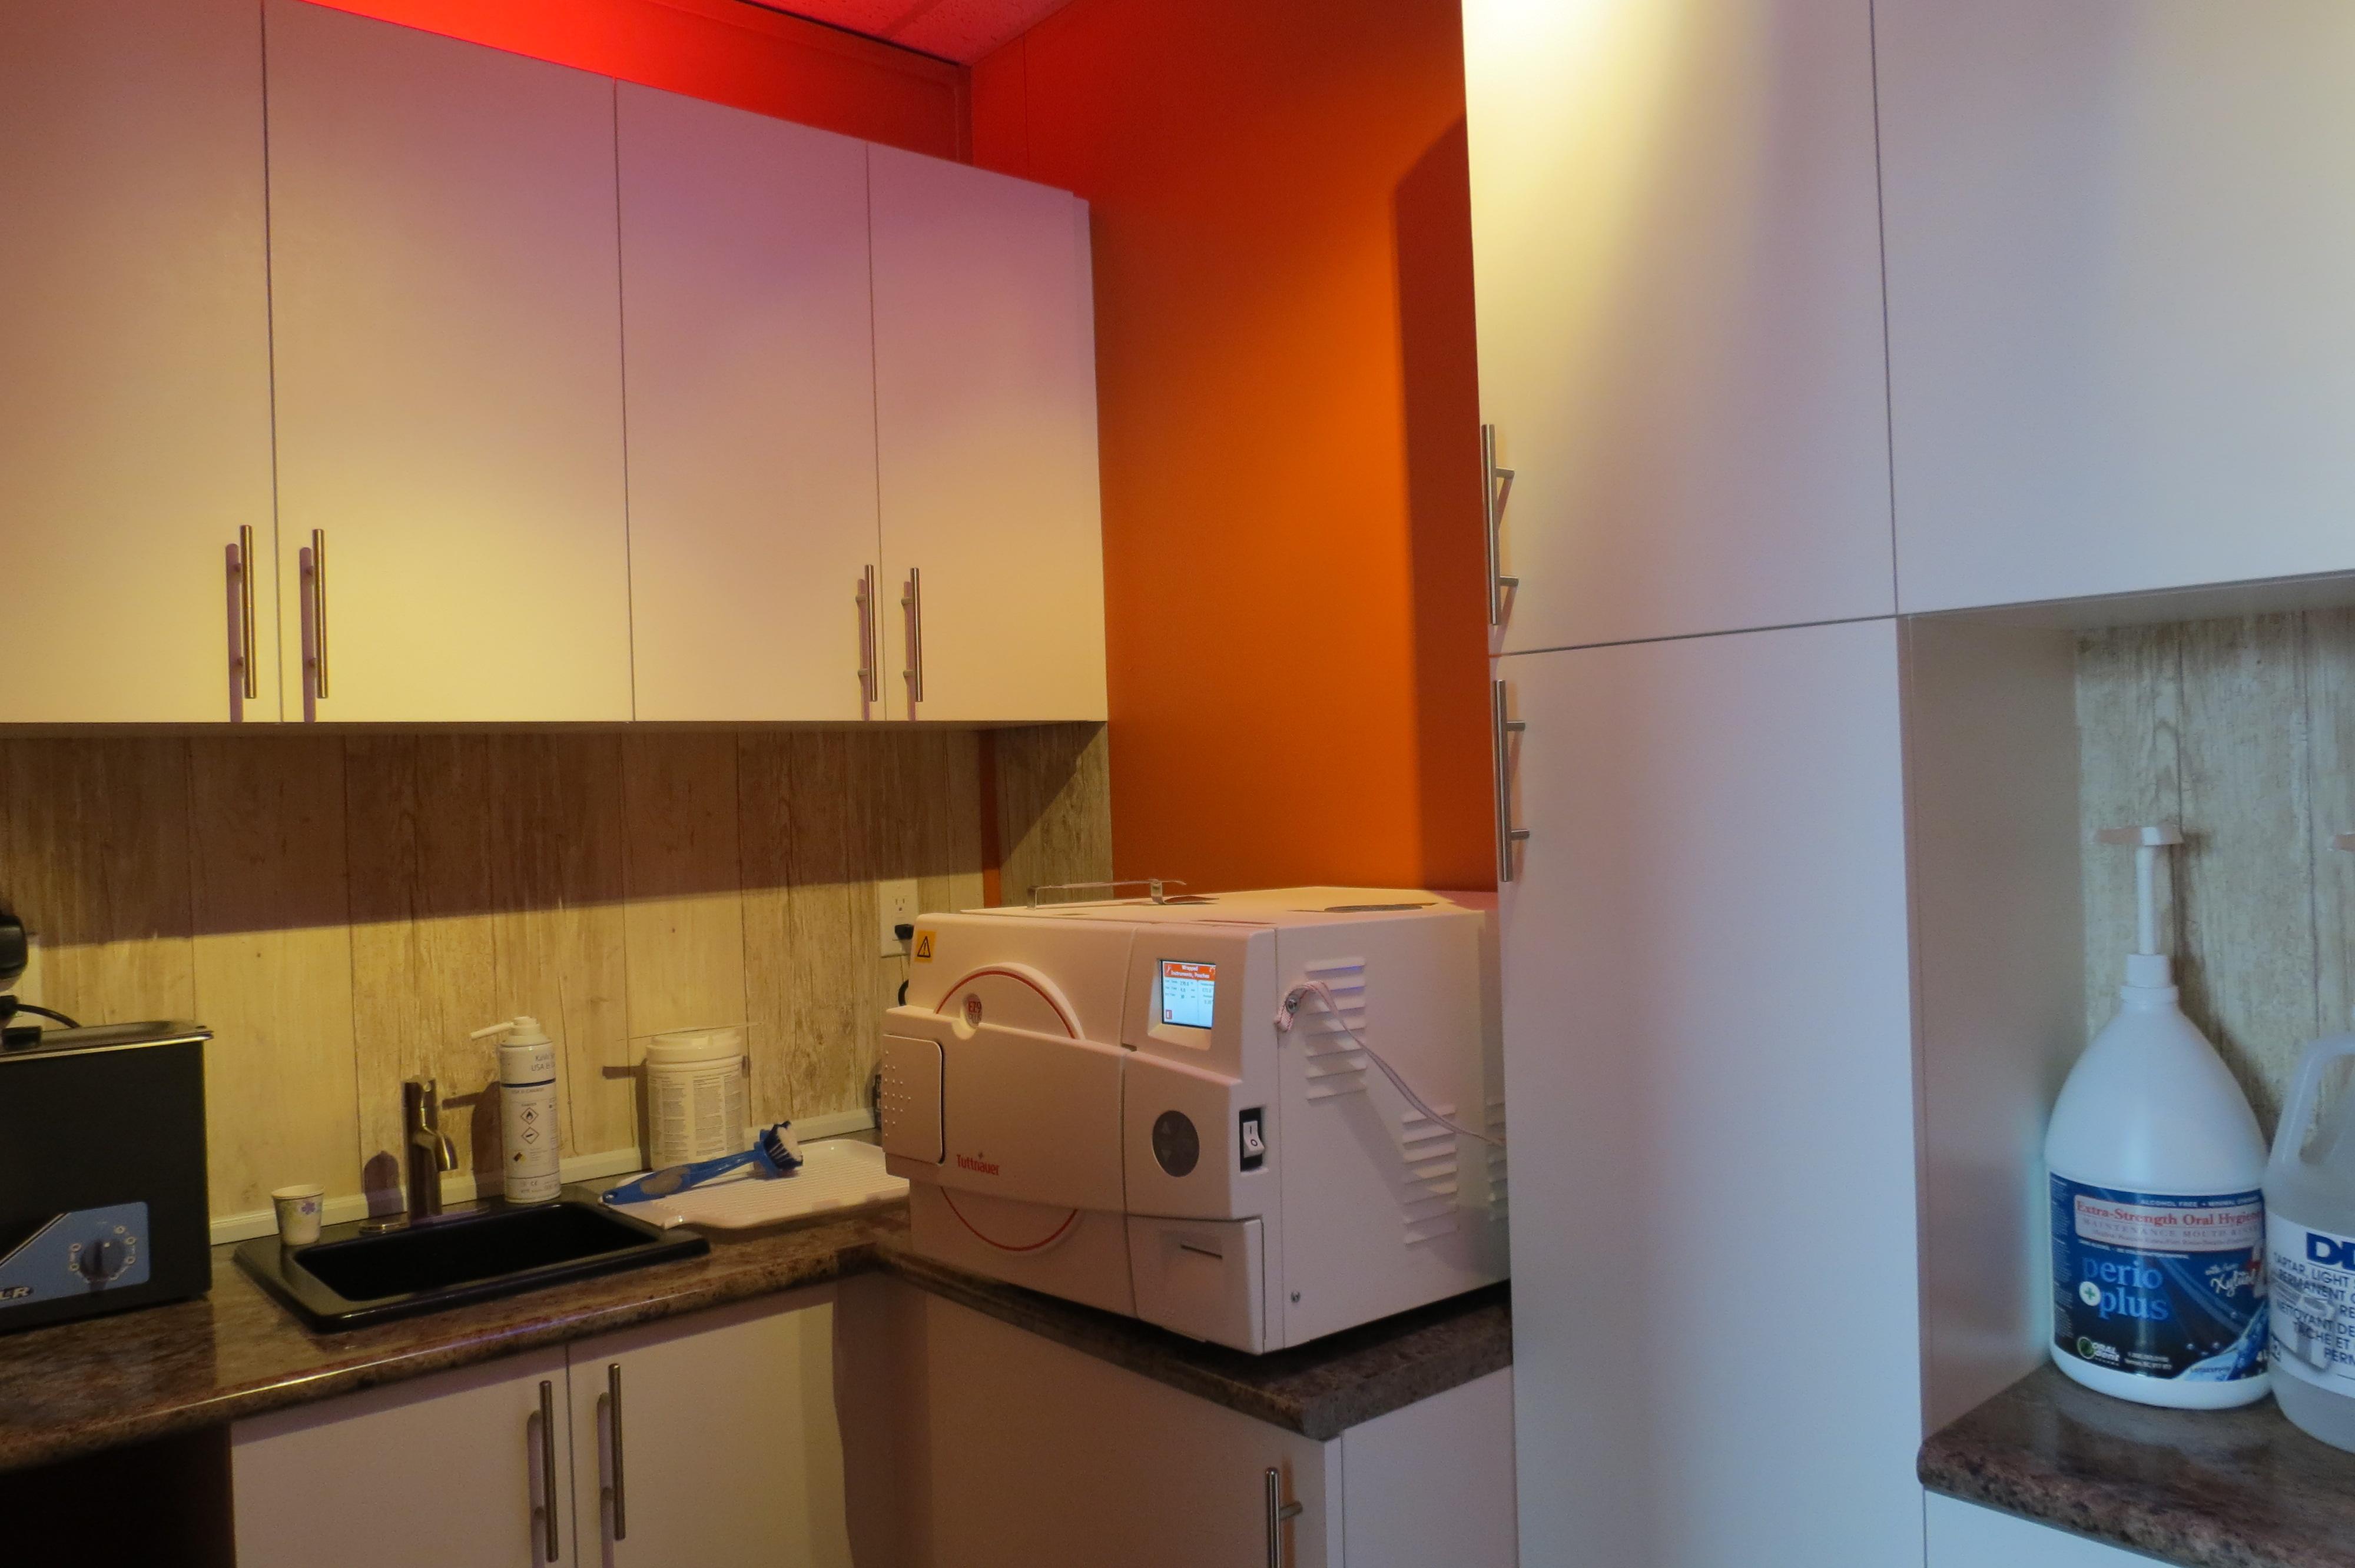 sterilization centre